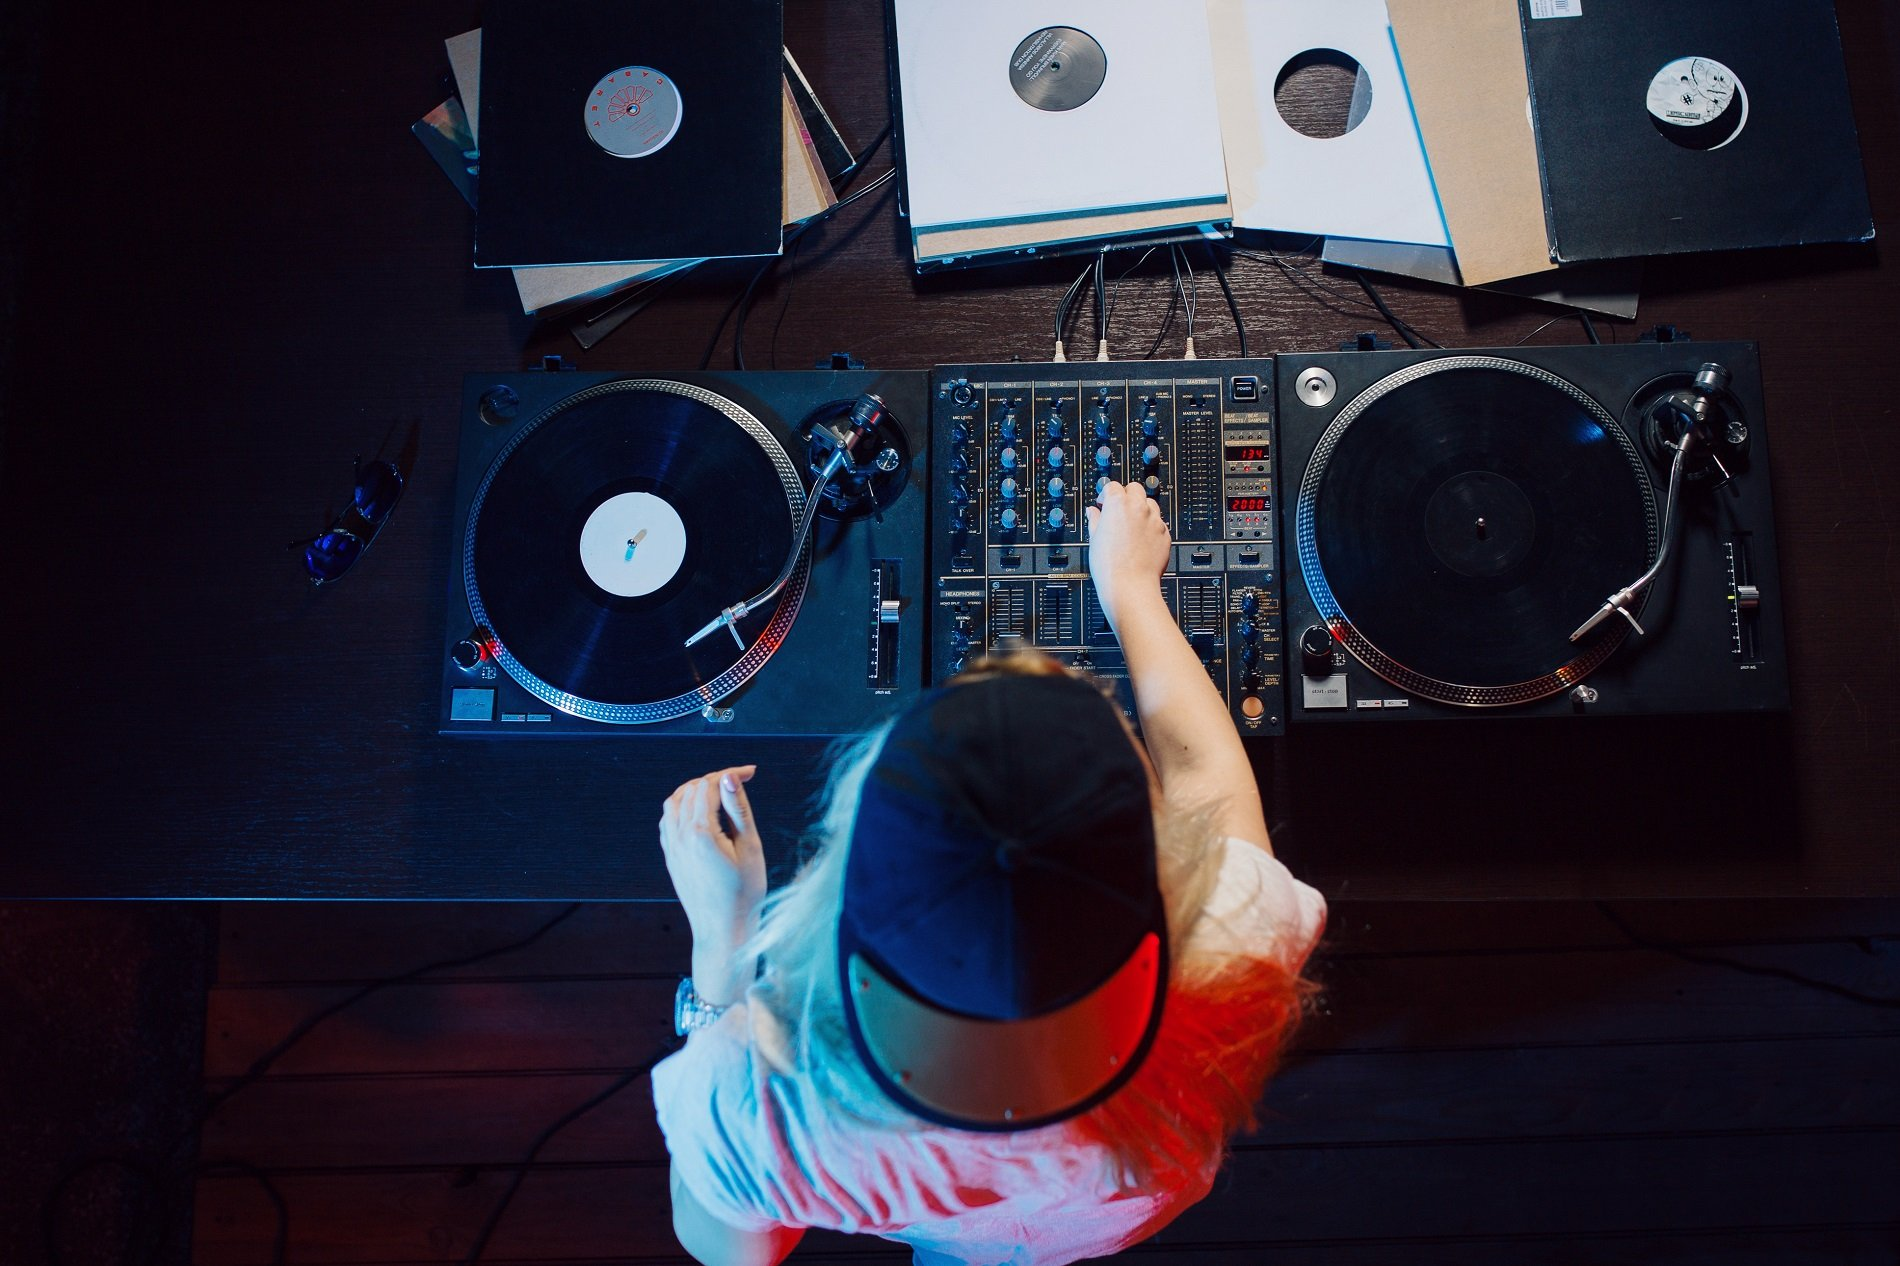 CANZONI DEL MOMENTO OTTOBRE 2020 MUSICA NUOVA CANZONI NUOVE OTTOBRE 2020